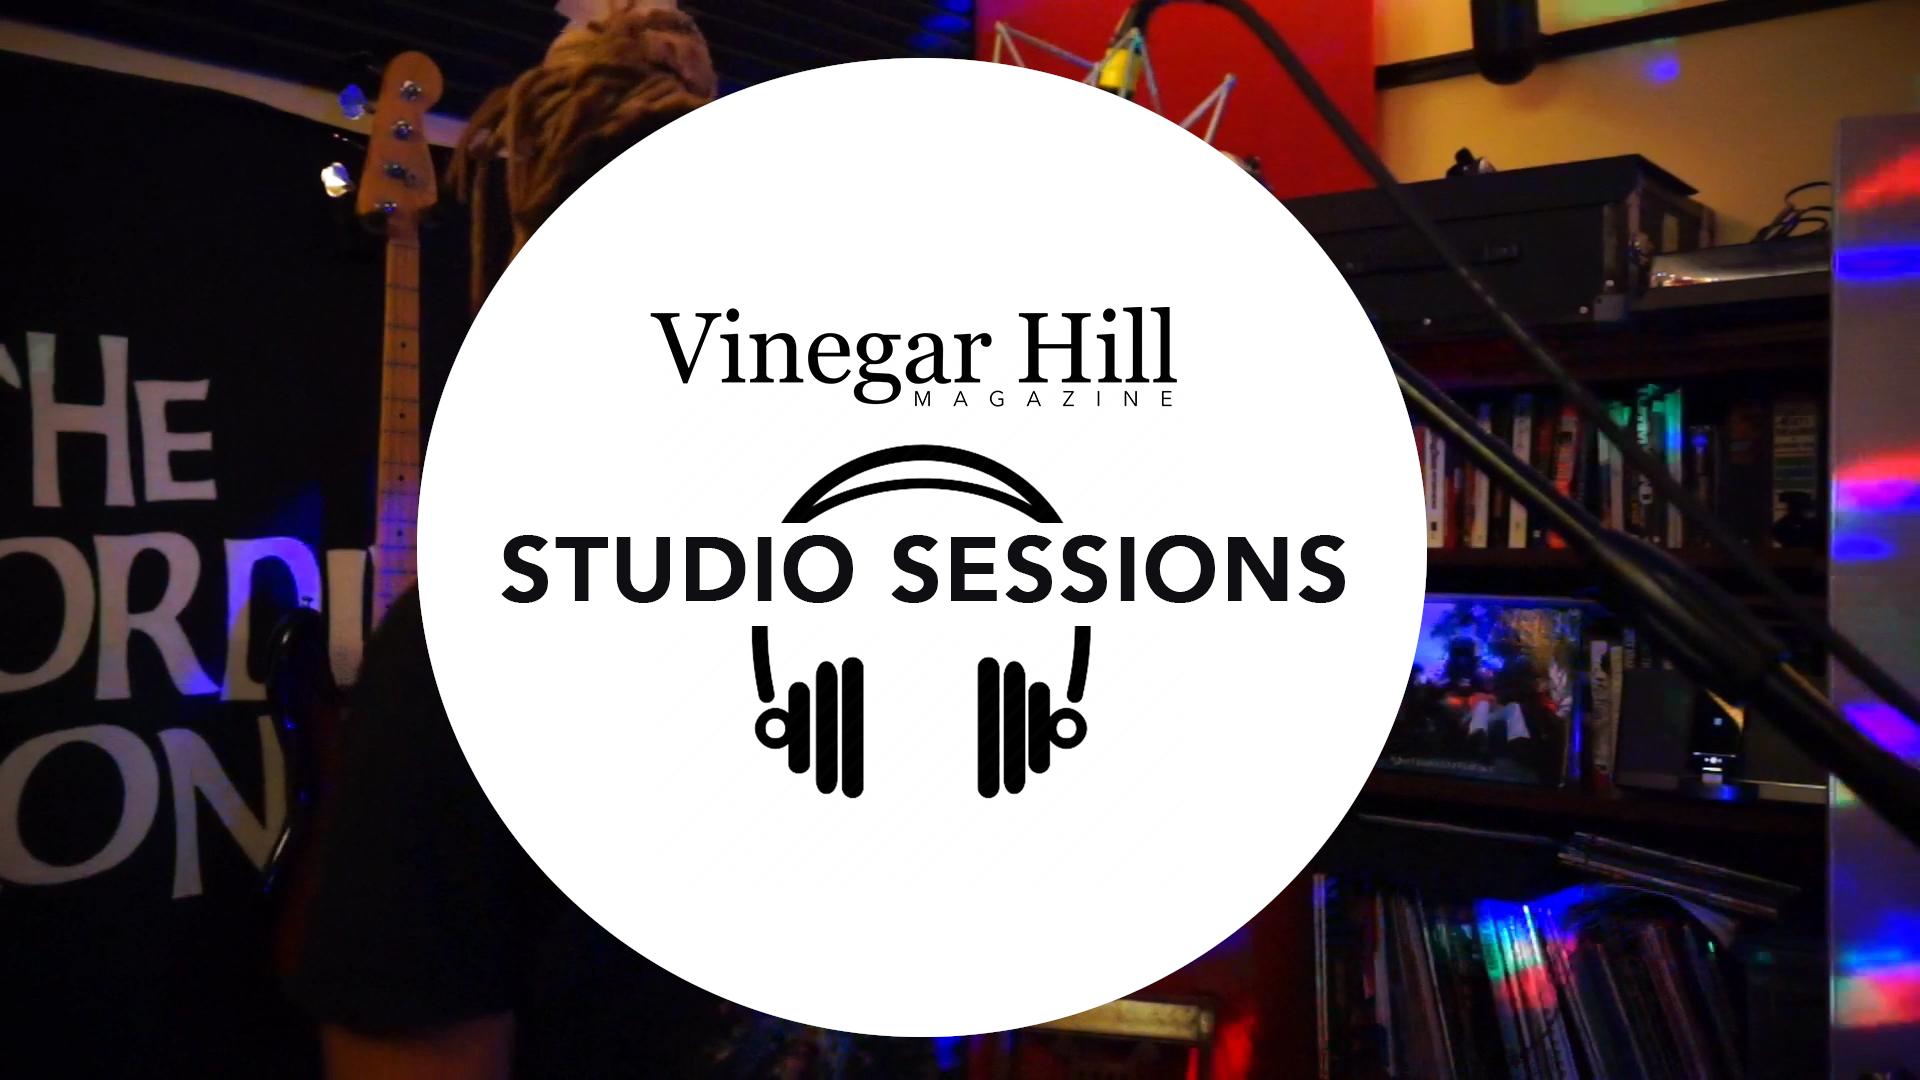 Vinegar Hill Magazine Studio Sessions logo